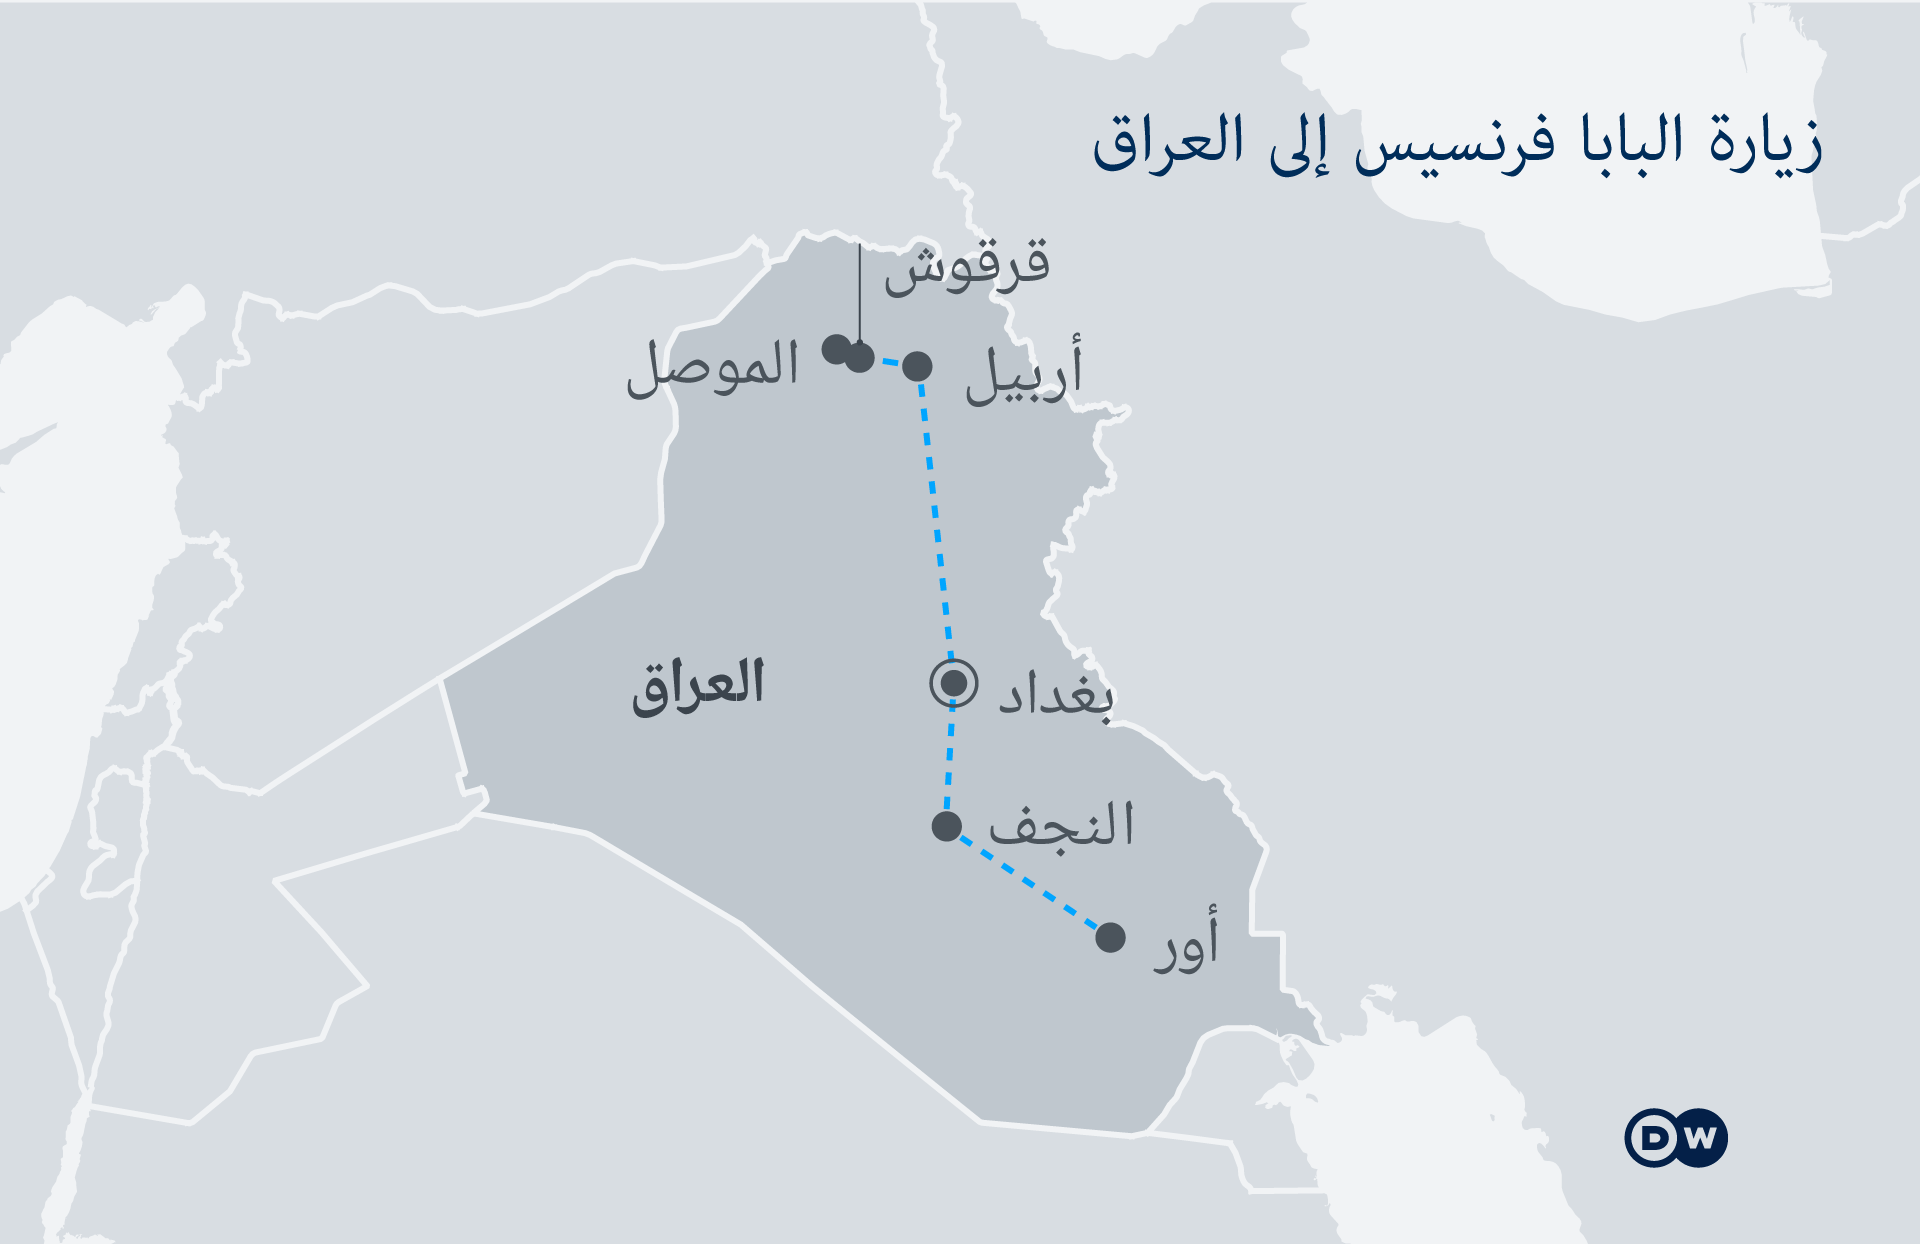 محطات زيارة البابا فرنسيس التاريخية إلى العراق